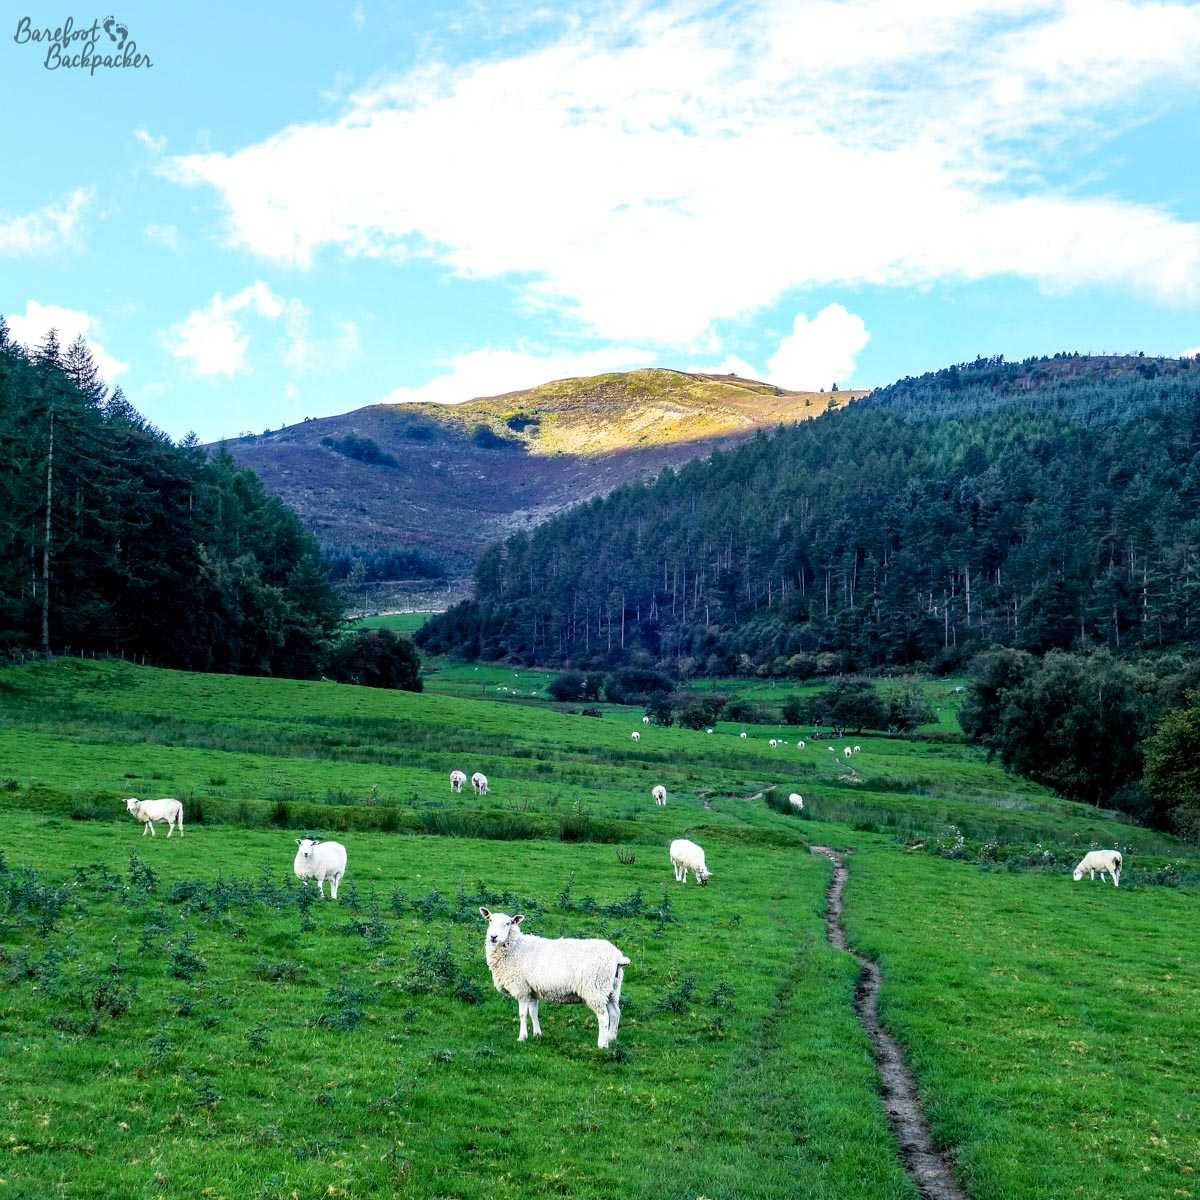 Moel Famau in the distance